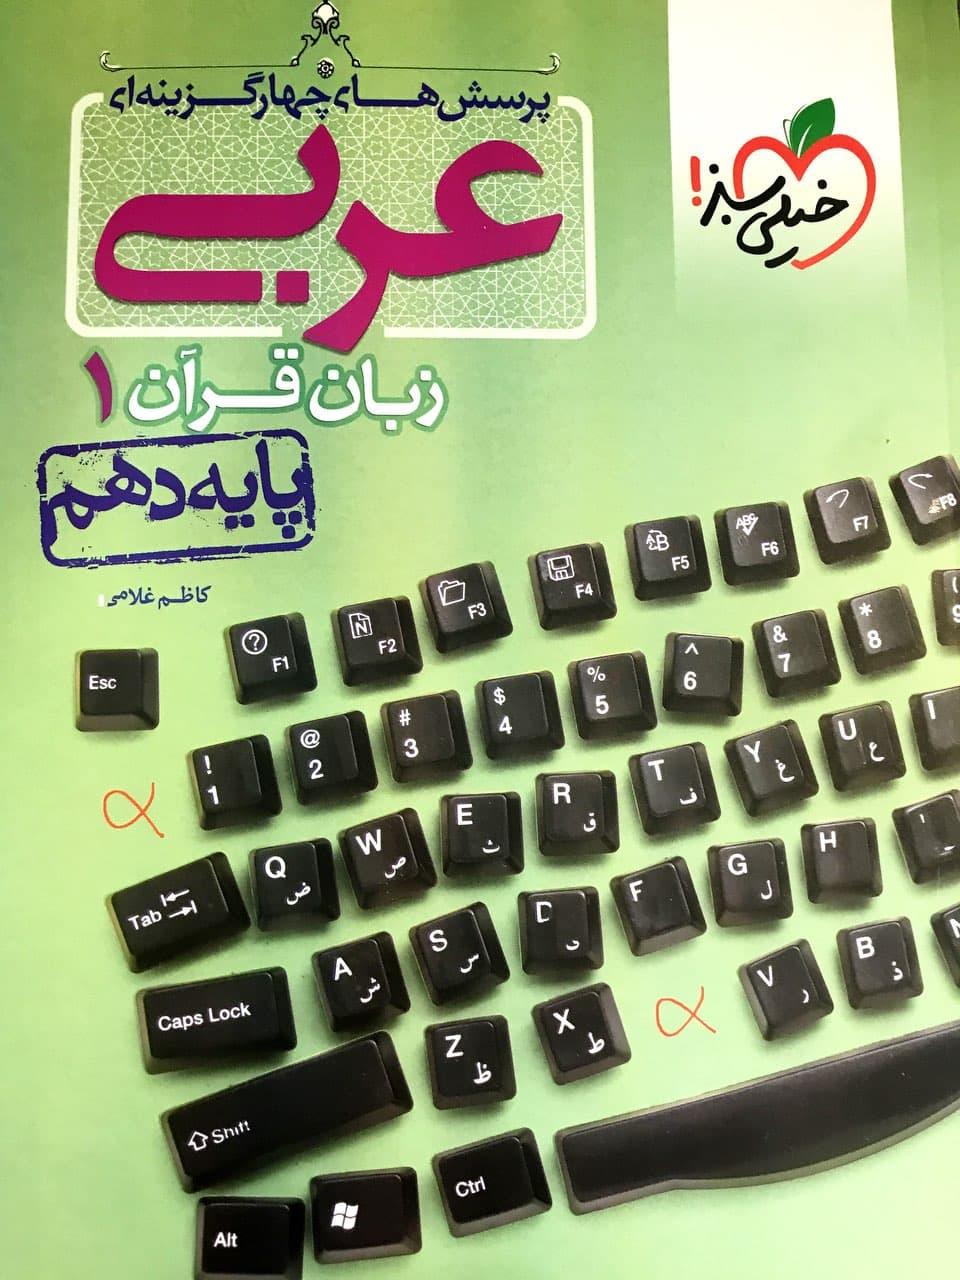 کتاب عربی زبان قرآن دهم تست